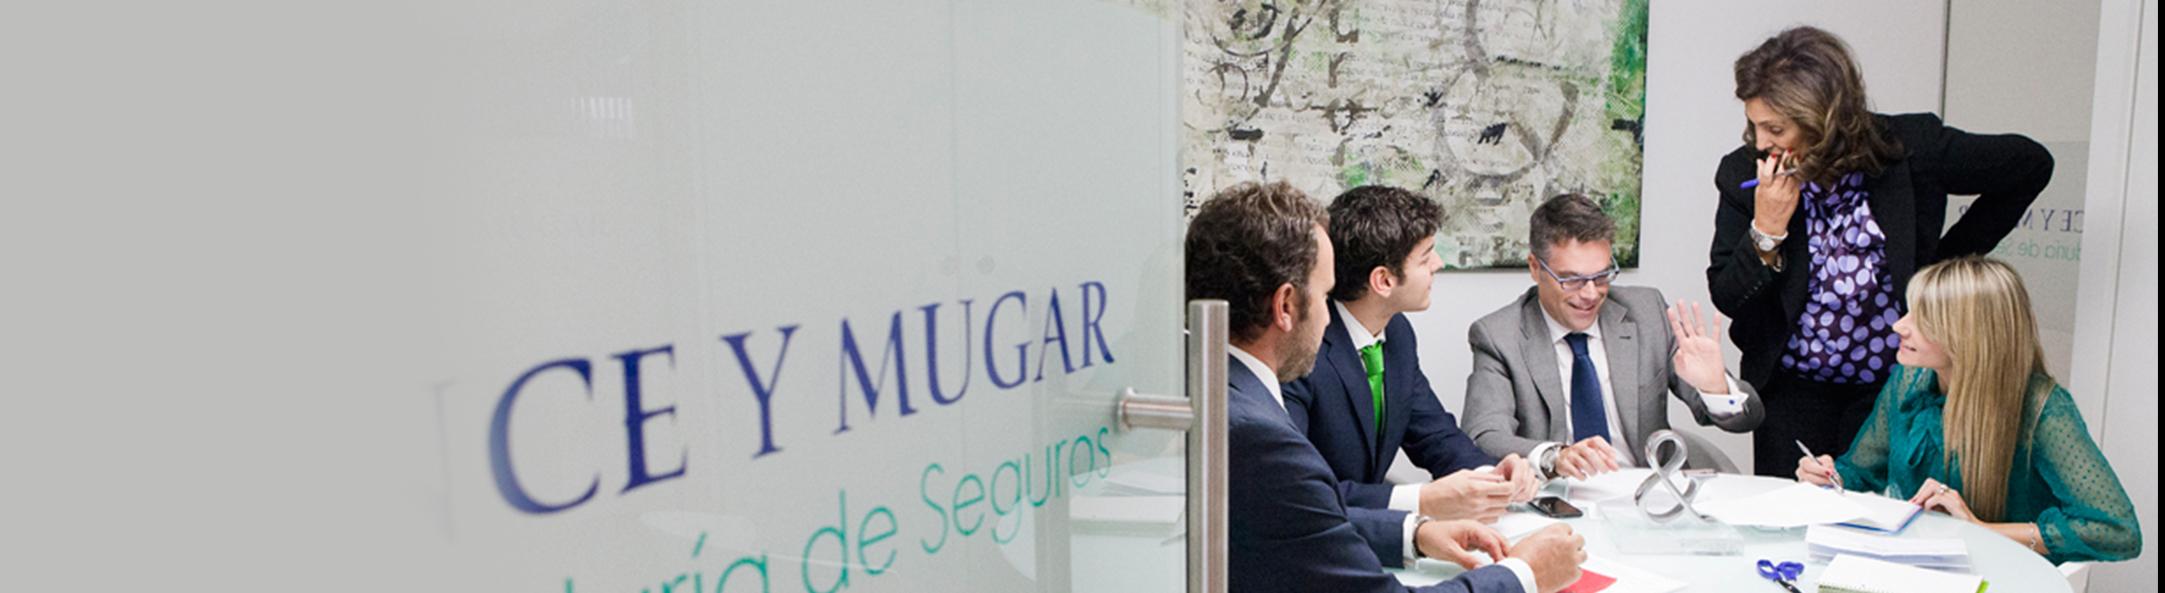 El equipo Ponce y Mugar Correduría de seguros Madrid